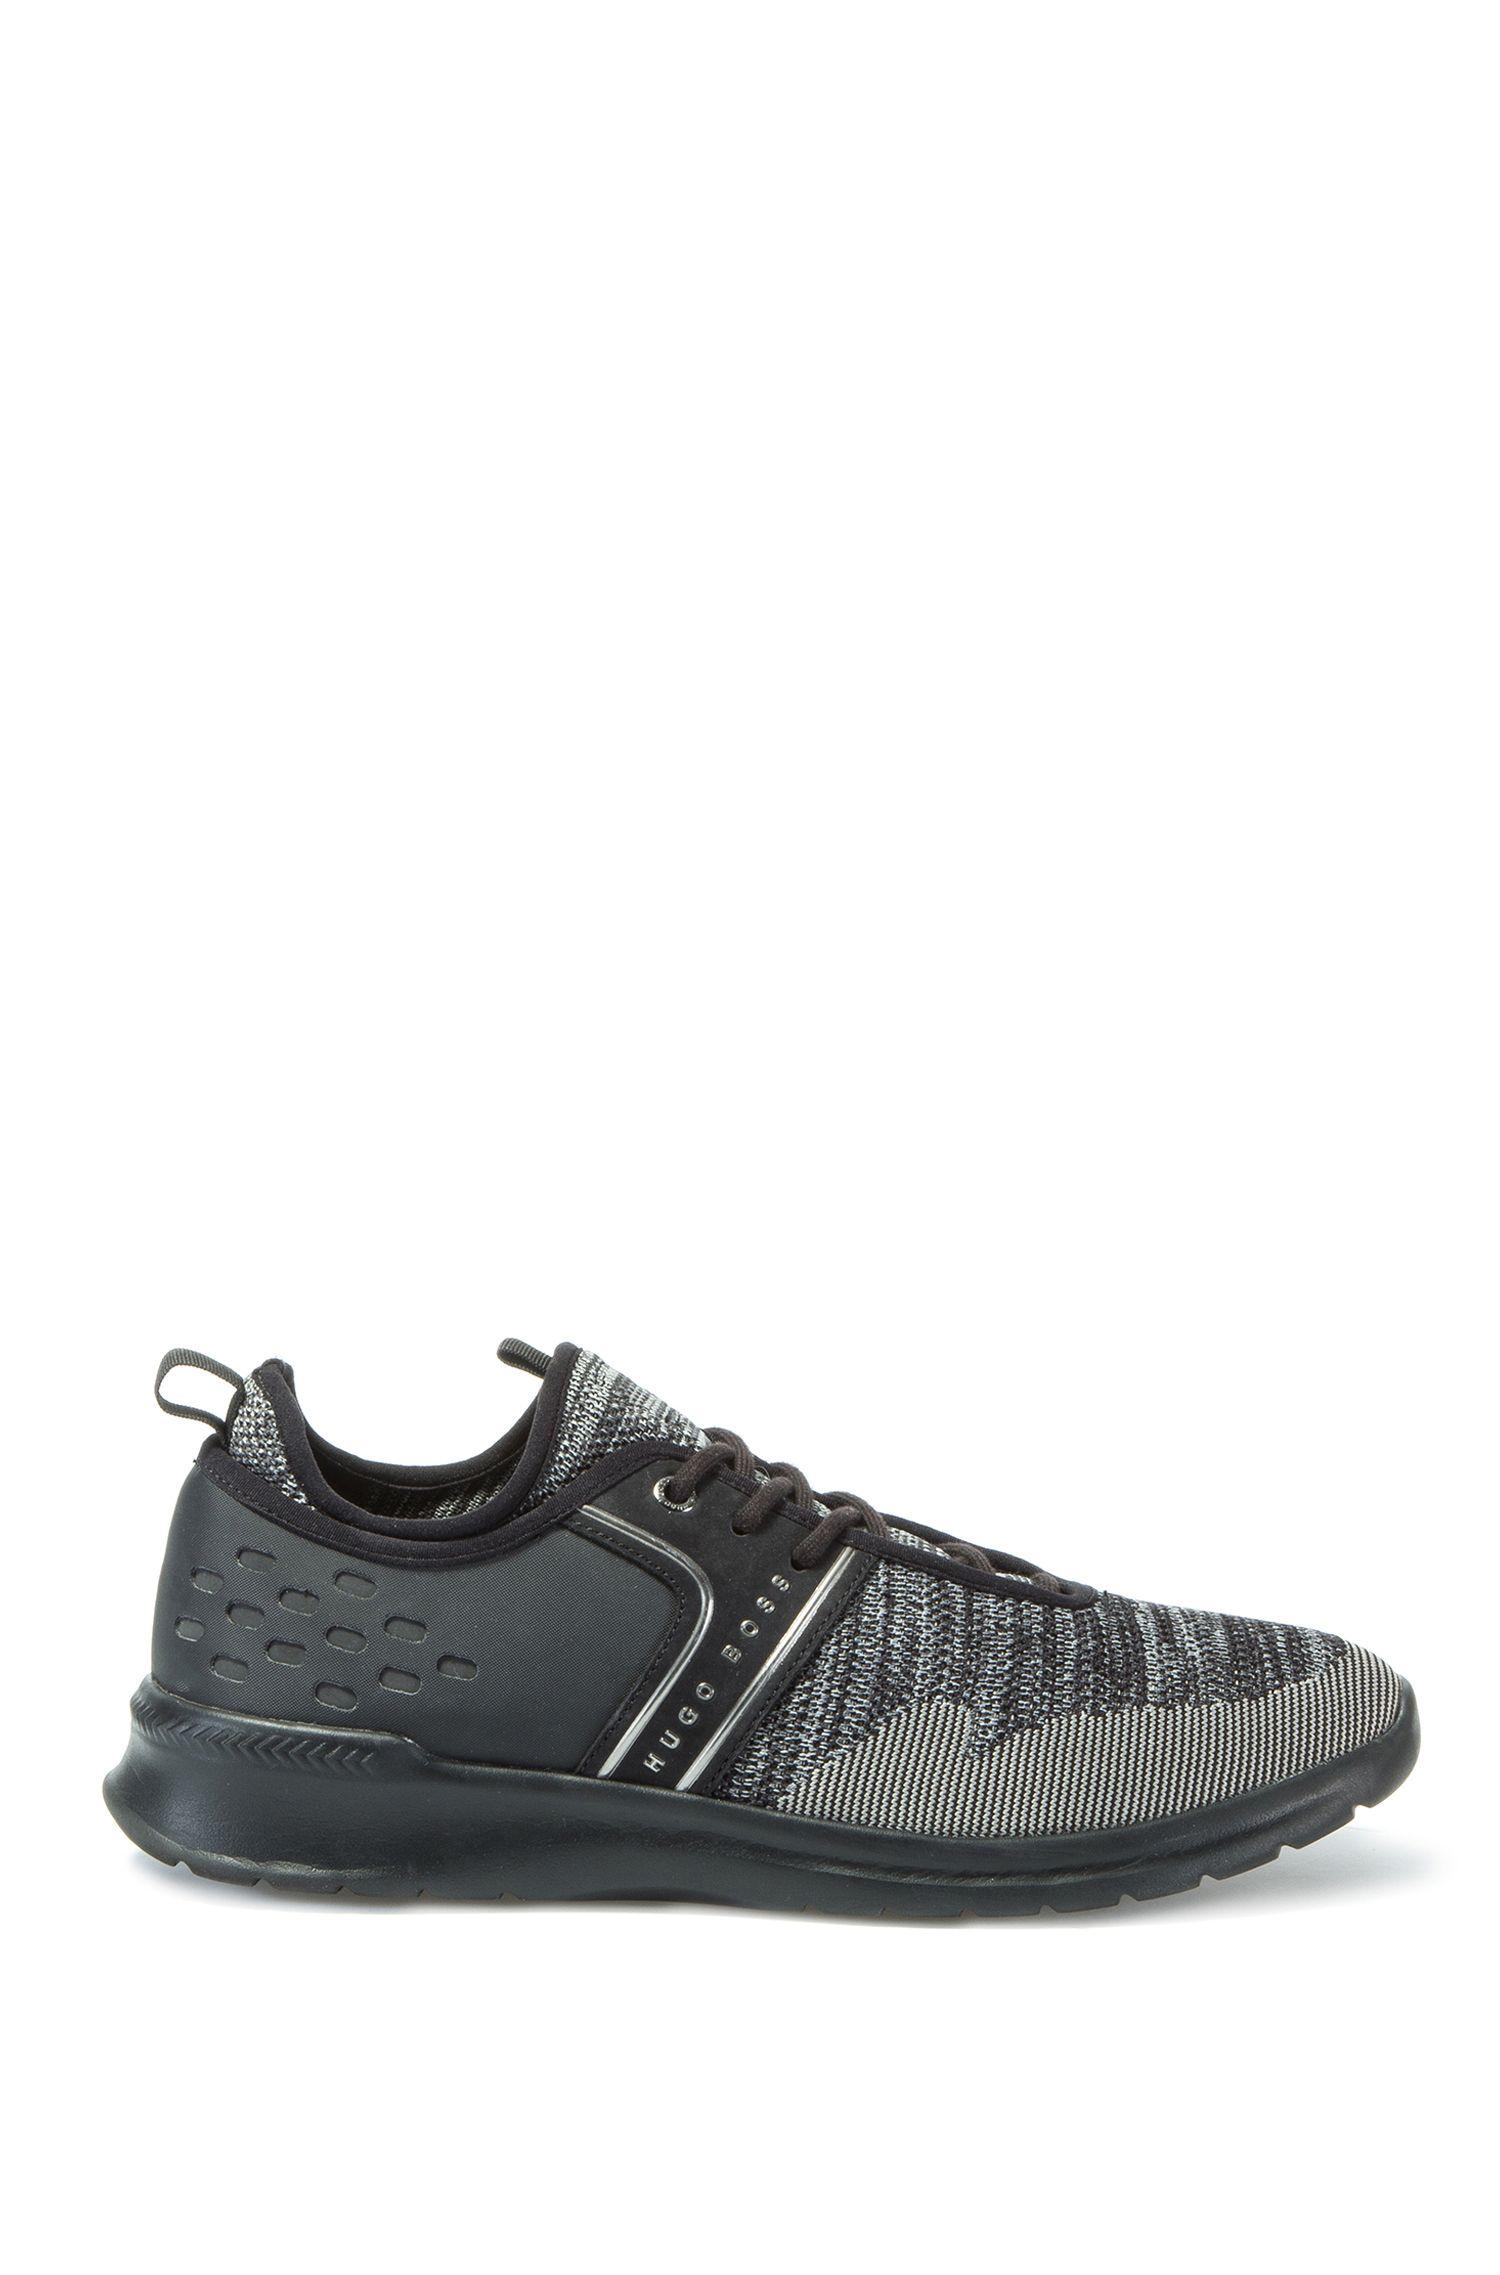 Nylon Sneakers | Extreme Runn Sykn